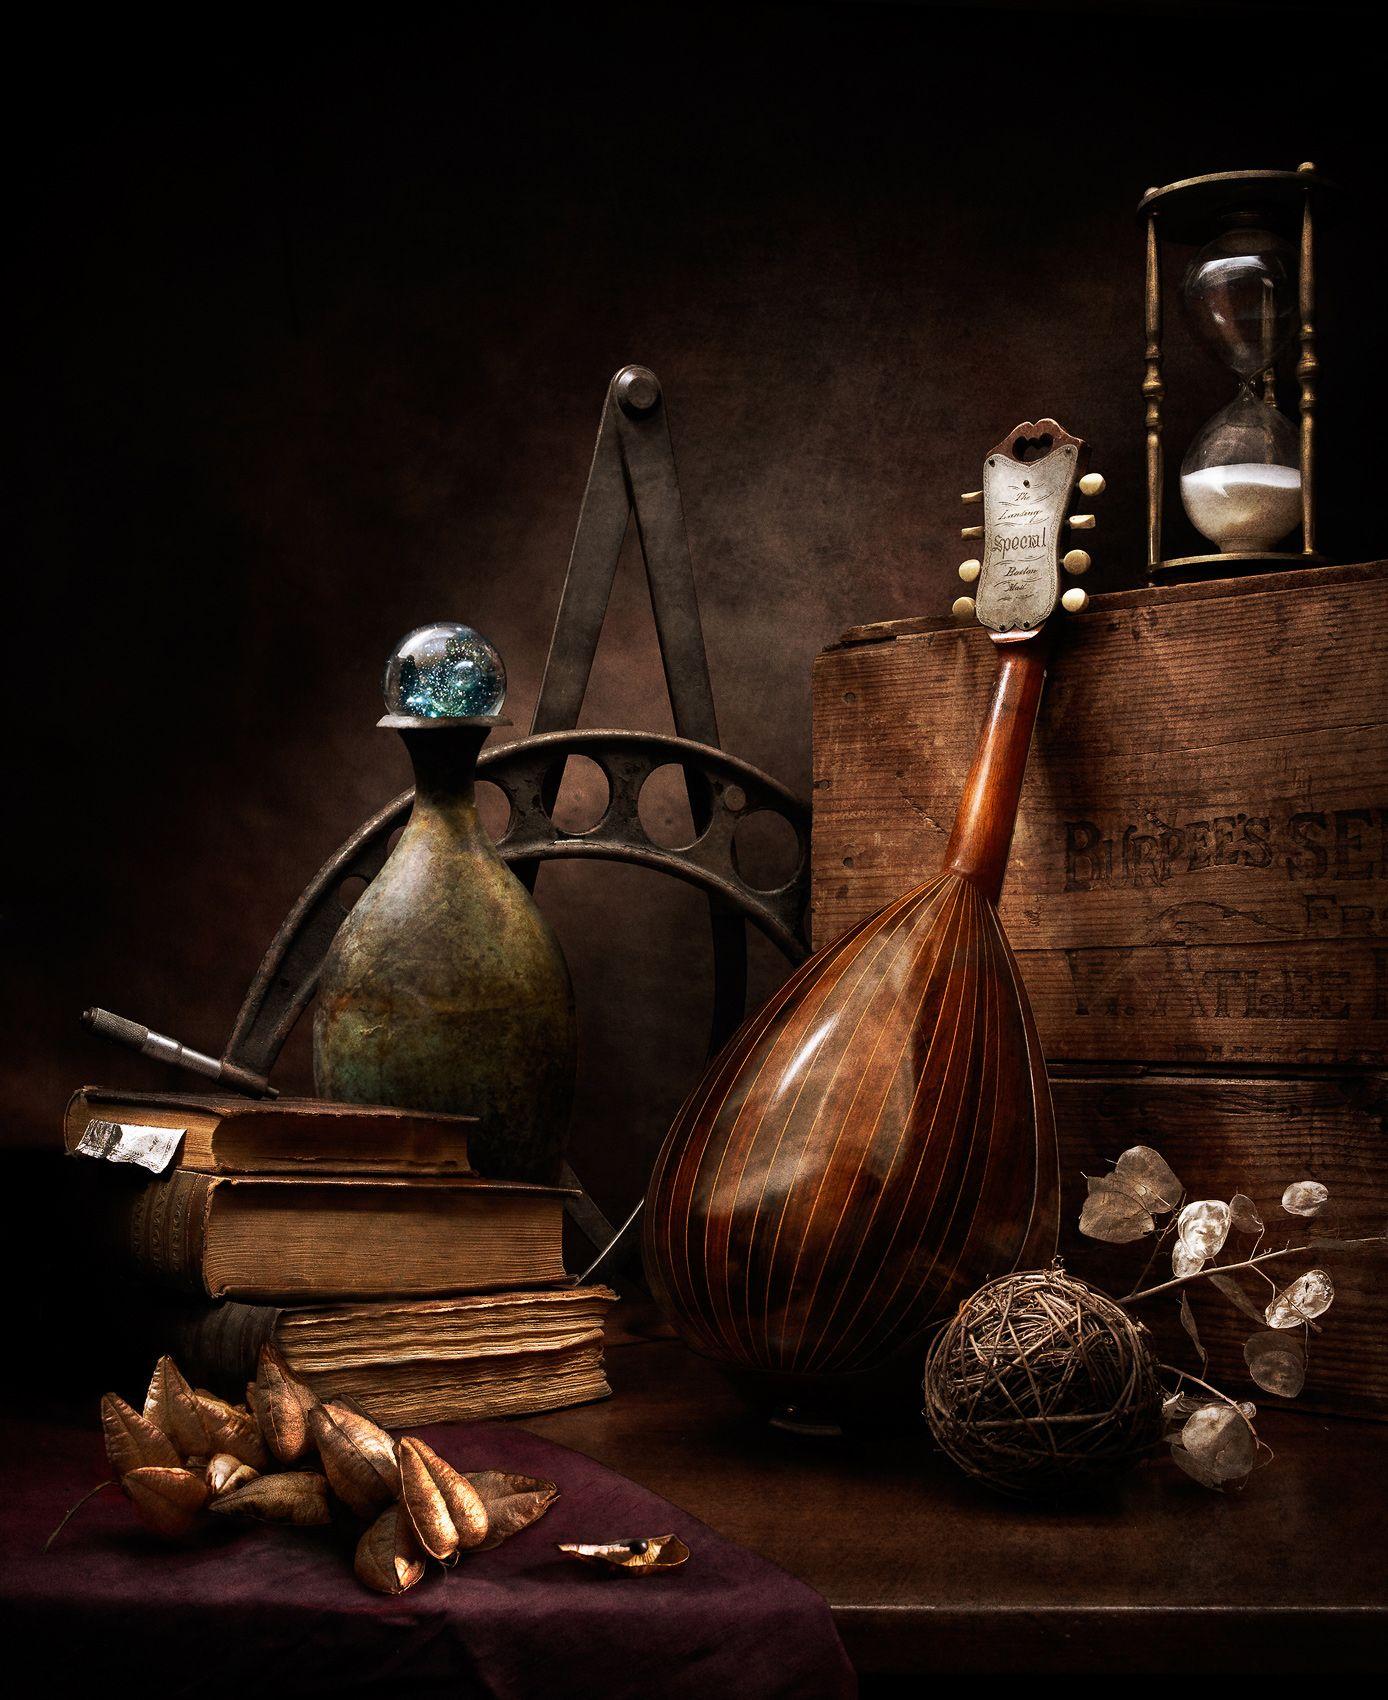 Still Life with Mandolin by Harold Ross